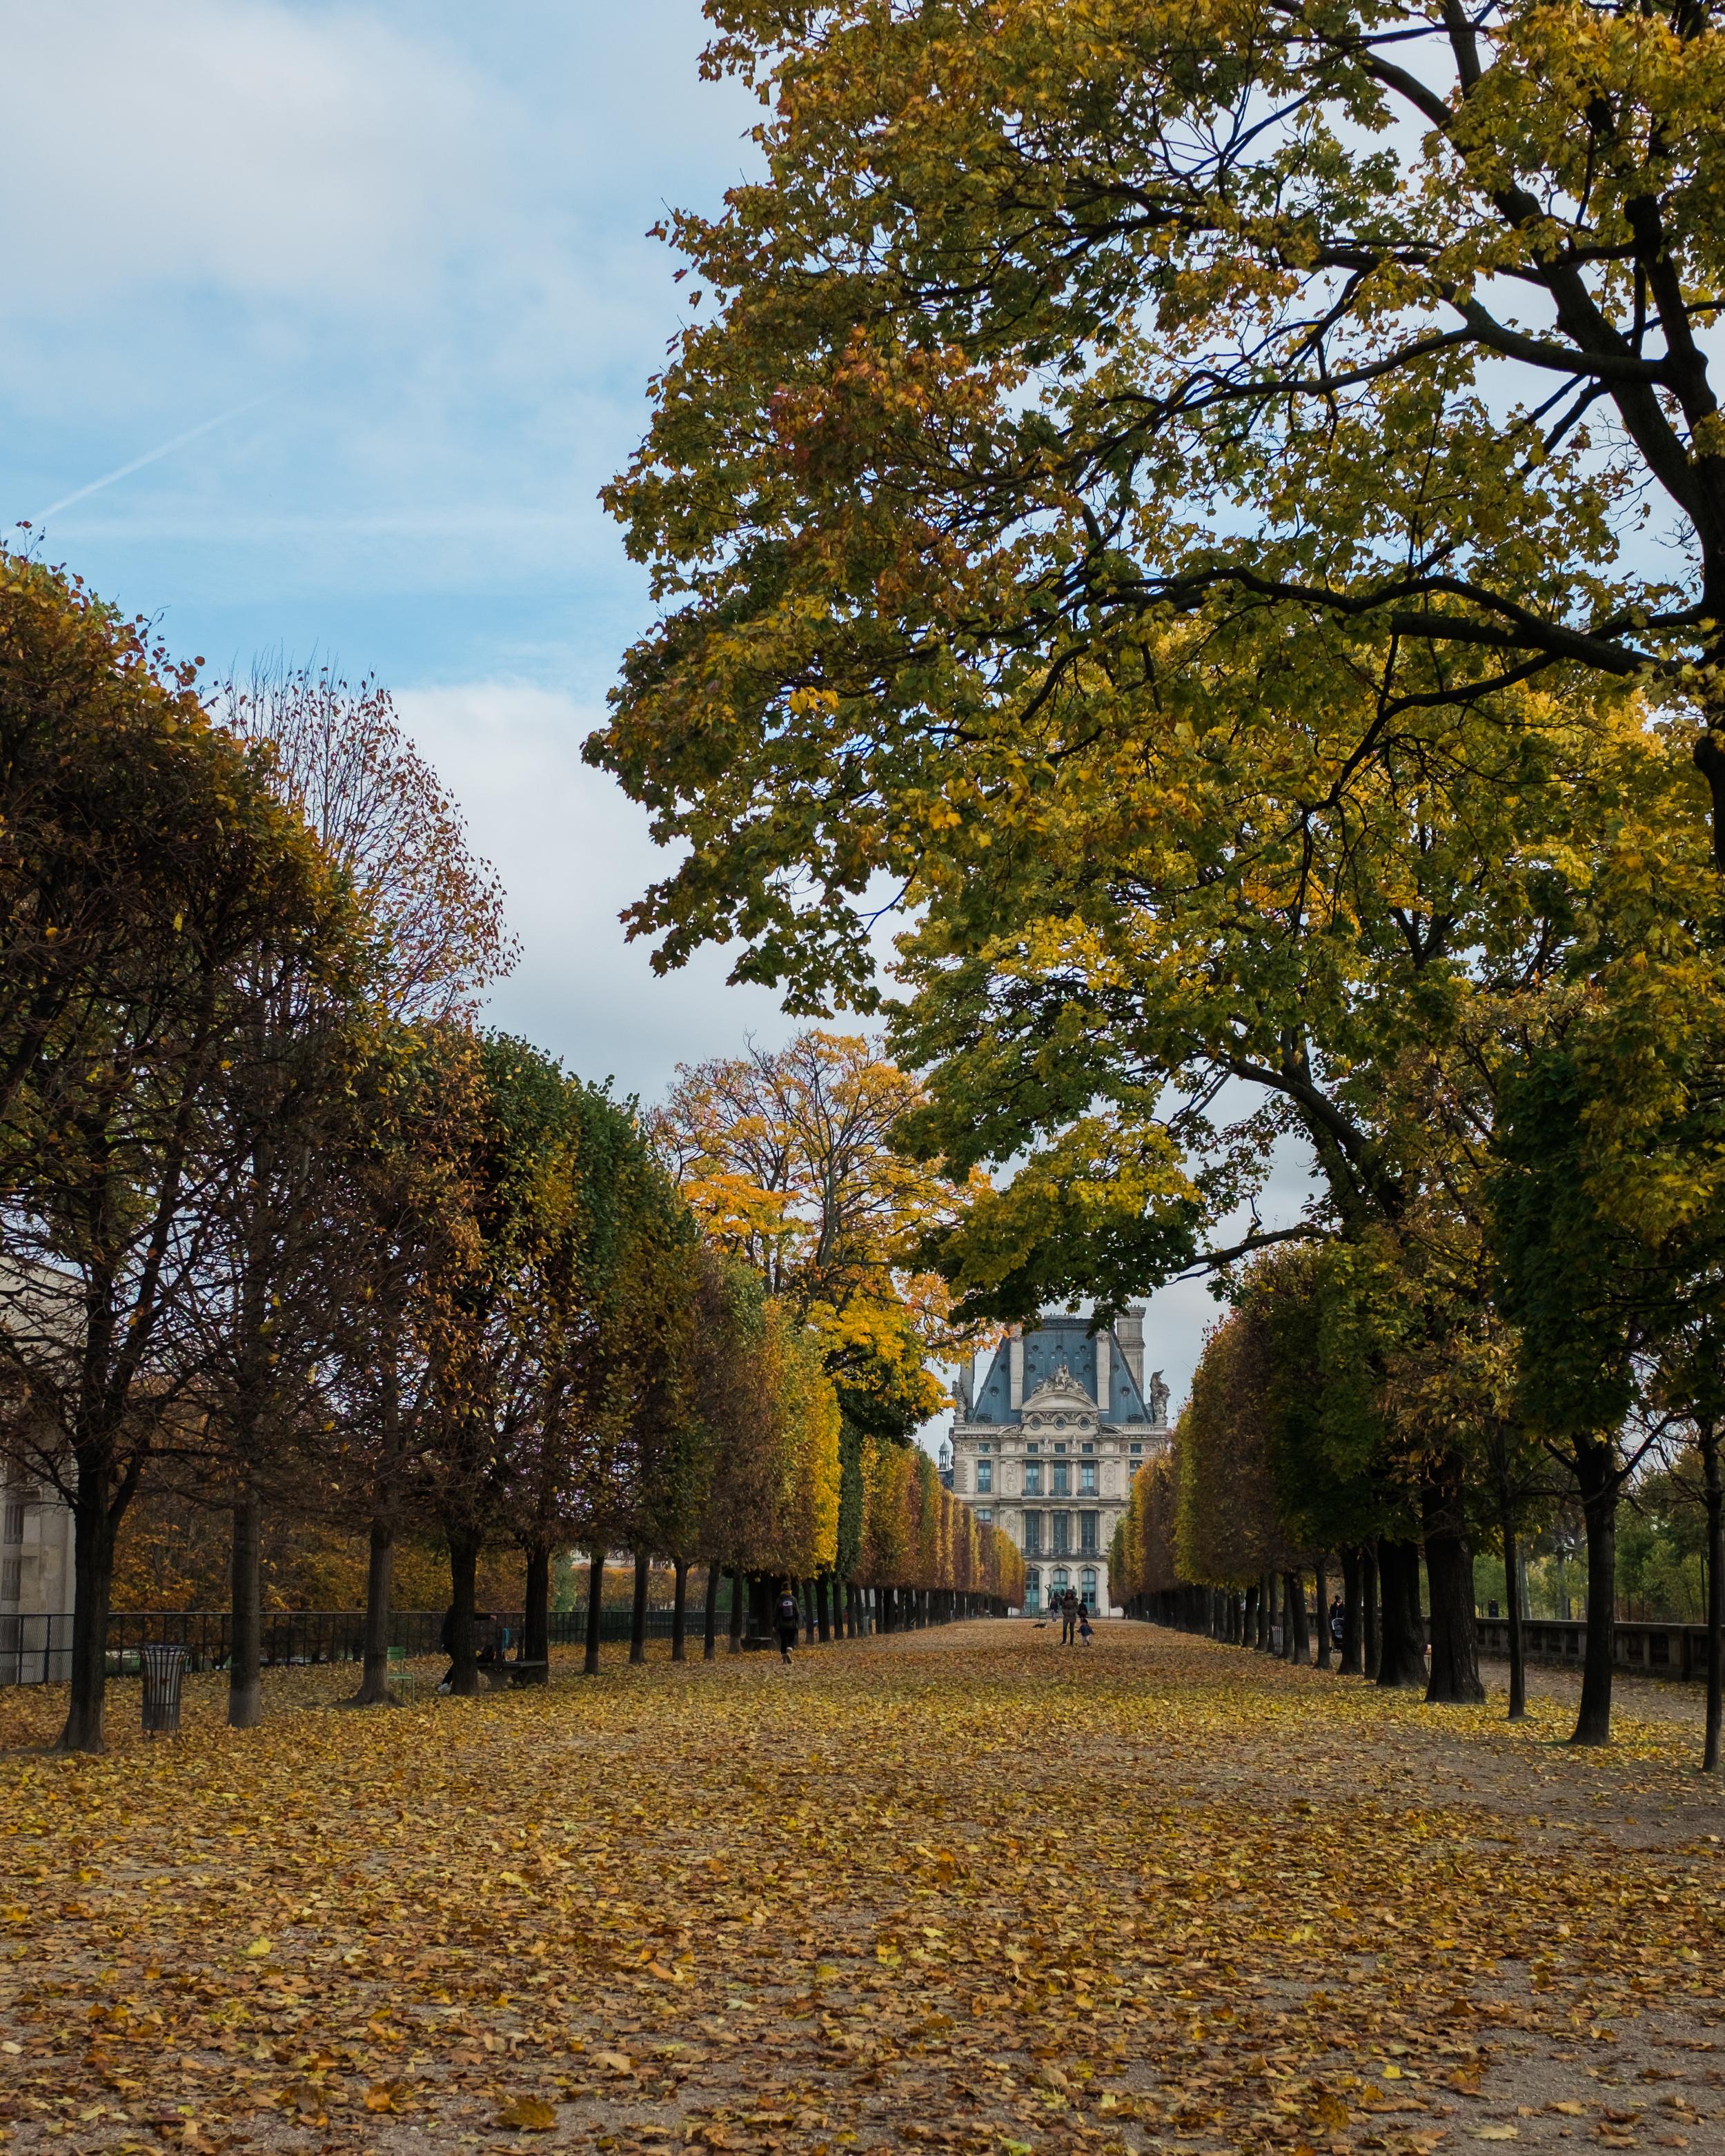 london-britian-cambridge-stmalo-mont-saint-michel-france-normandy-paris-096.jpg